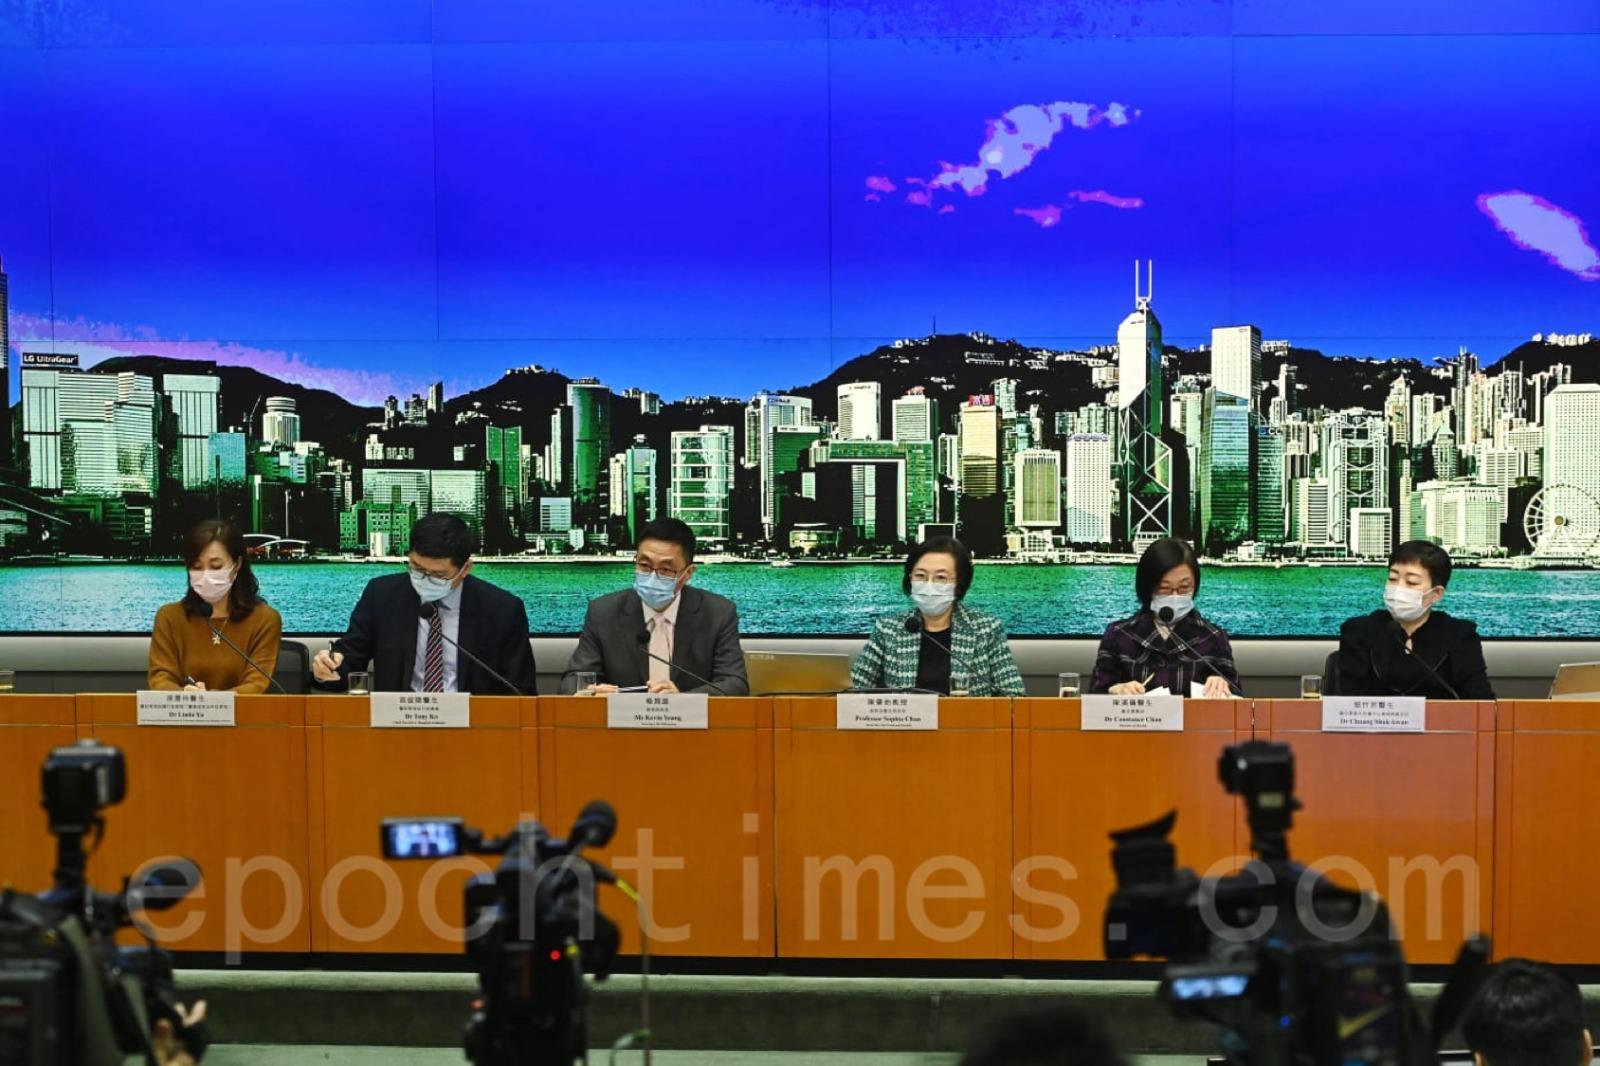 港府1月4日於記者會上宣佈,延長現有社交距離措施直至1月20日。(宋碧龍/大紀元)